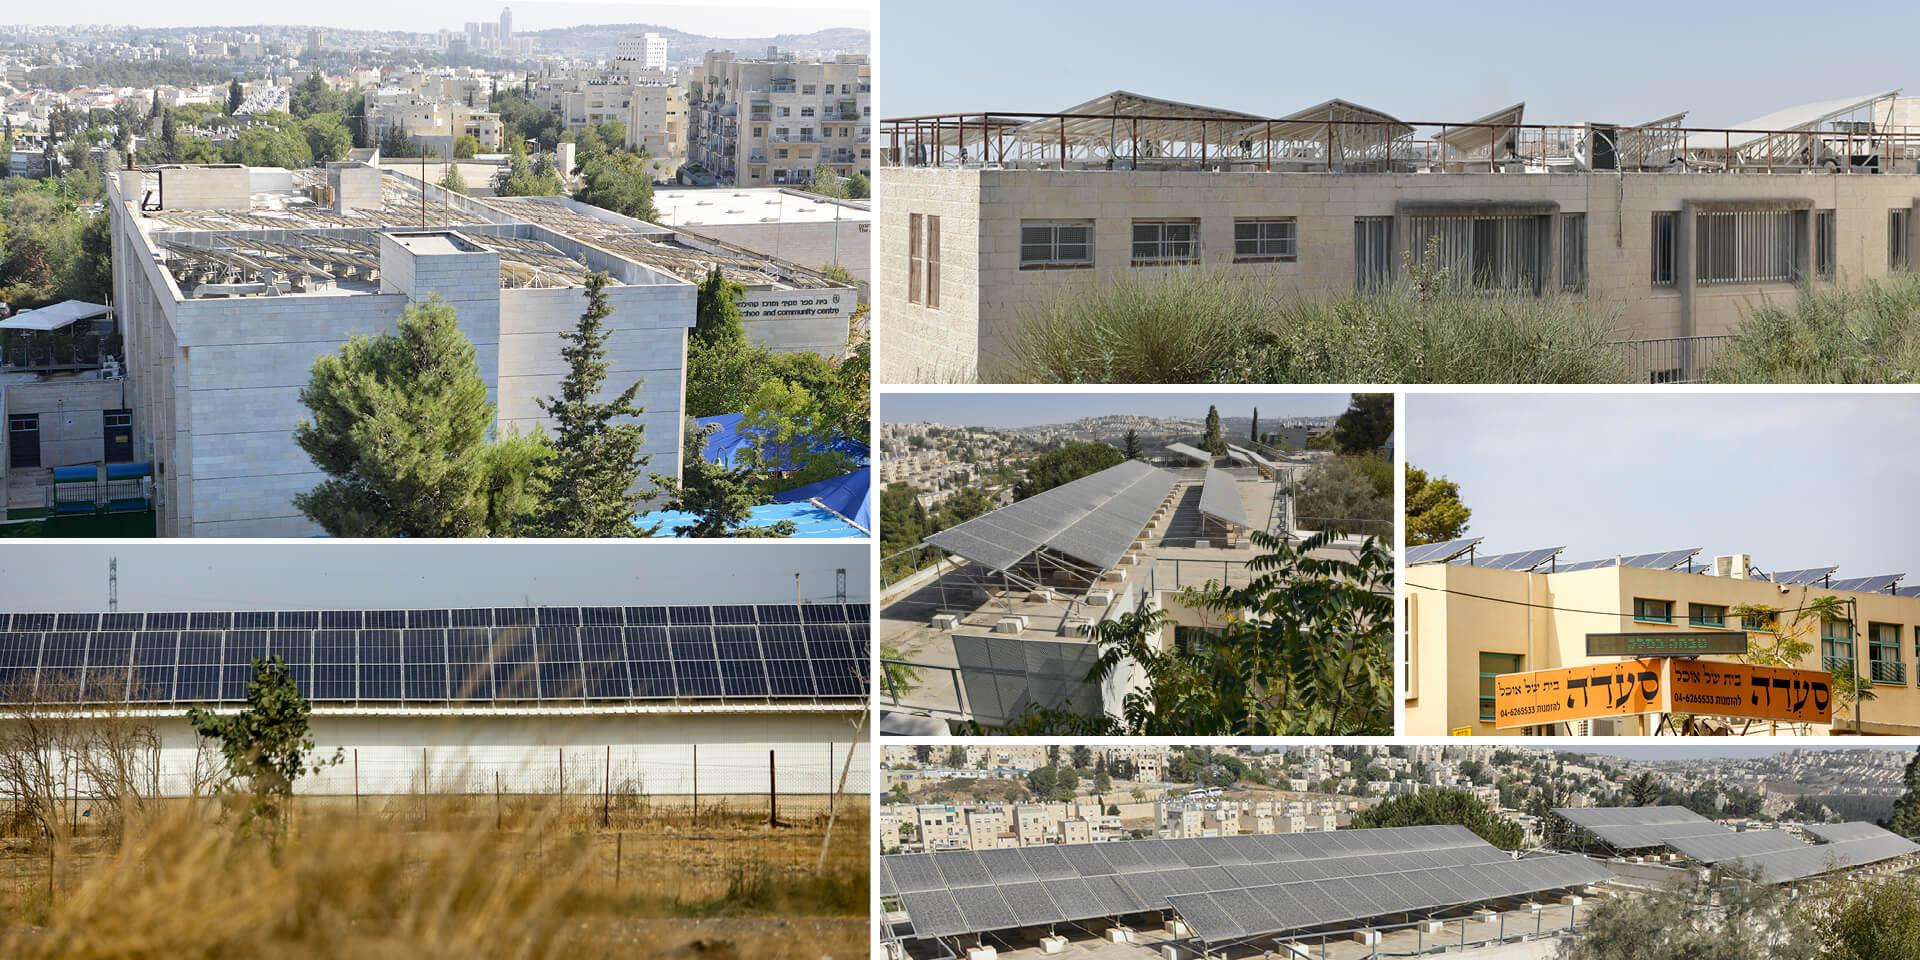 בתמונות: קולטים סולארים ברחבי הארץ. הגגות המצולמים אינם קשורים לכתבה (צילומים: דוד וינוקור ושלומי יוסף)